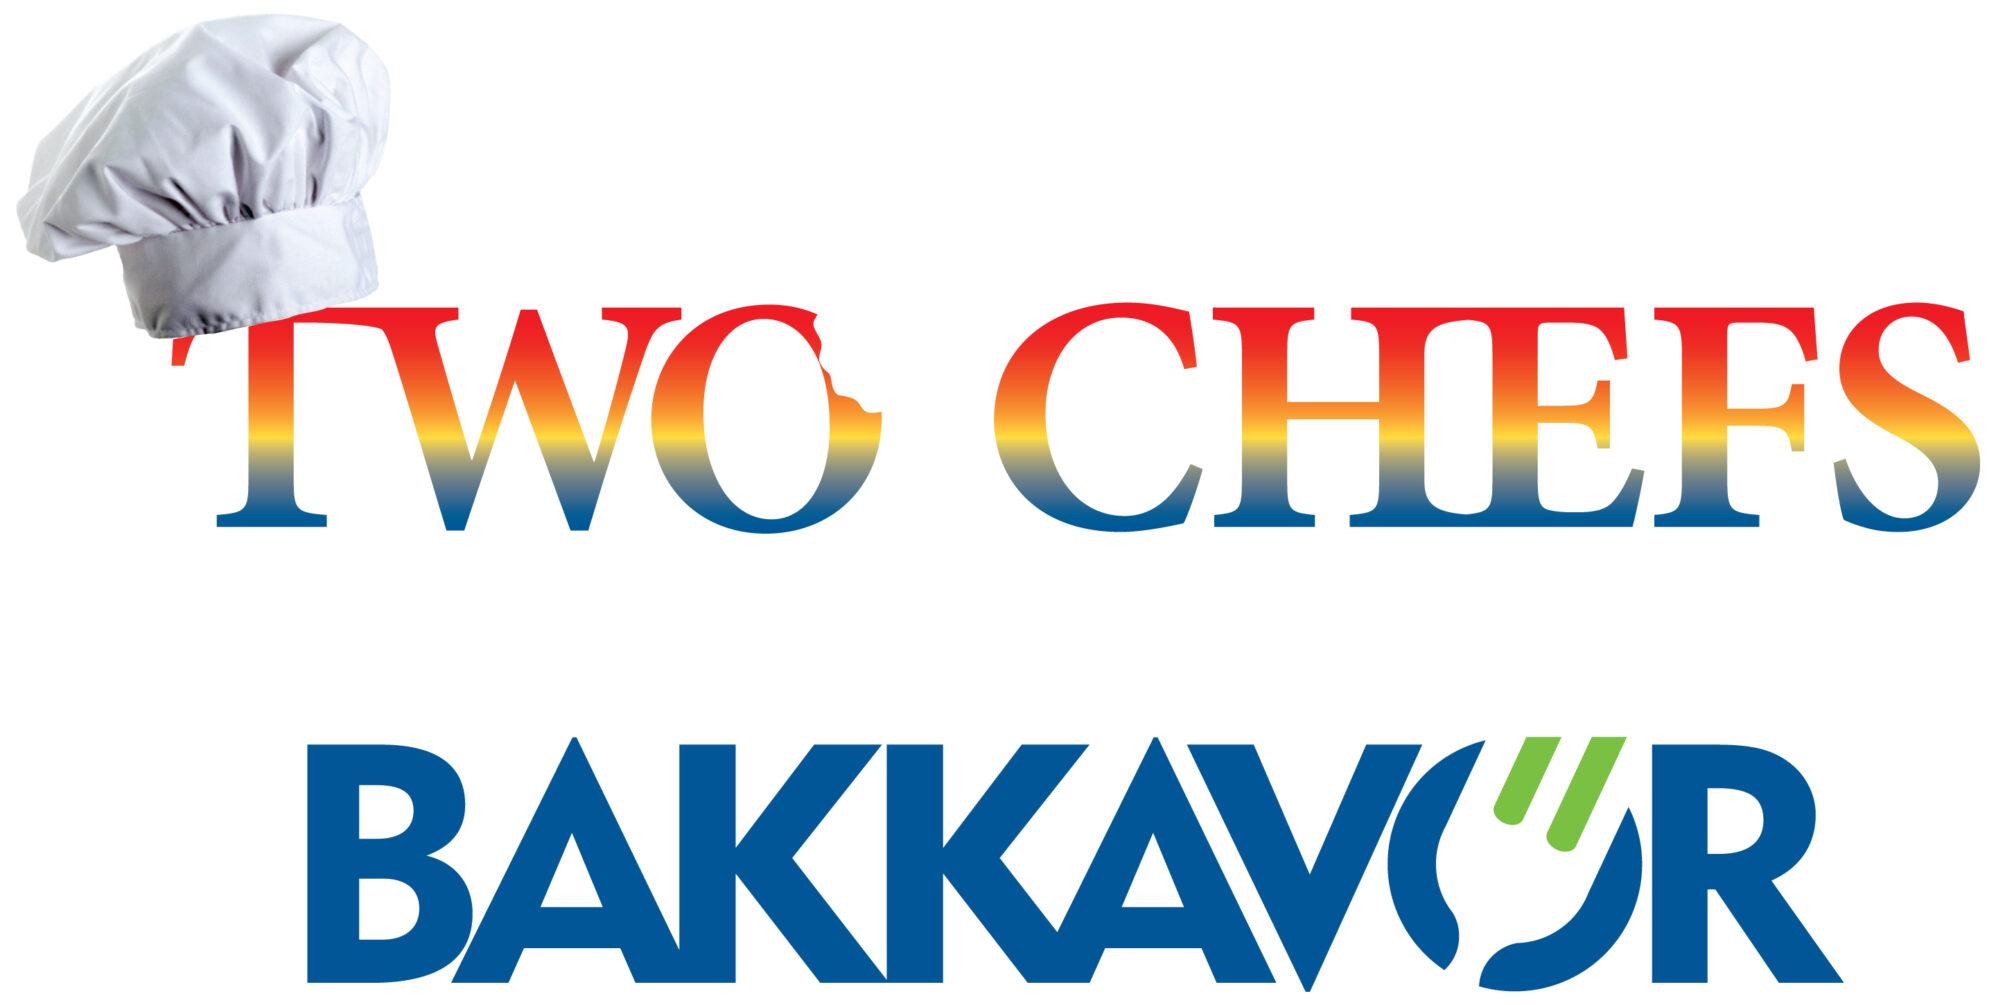 Two Chefs Bakkavor : Identity - Eric Scott / Day For Night